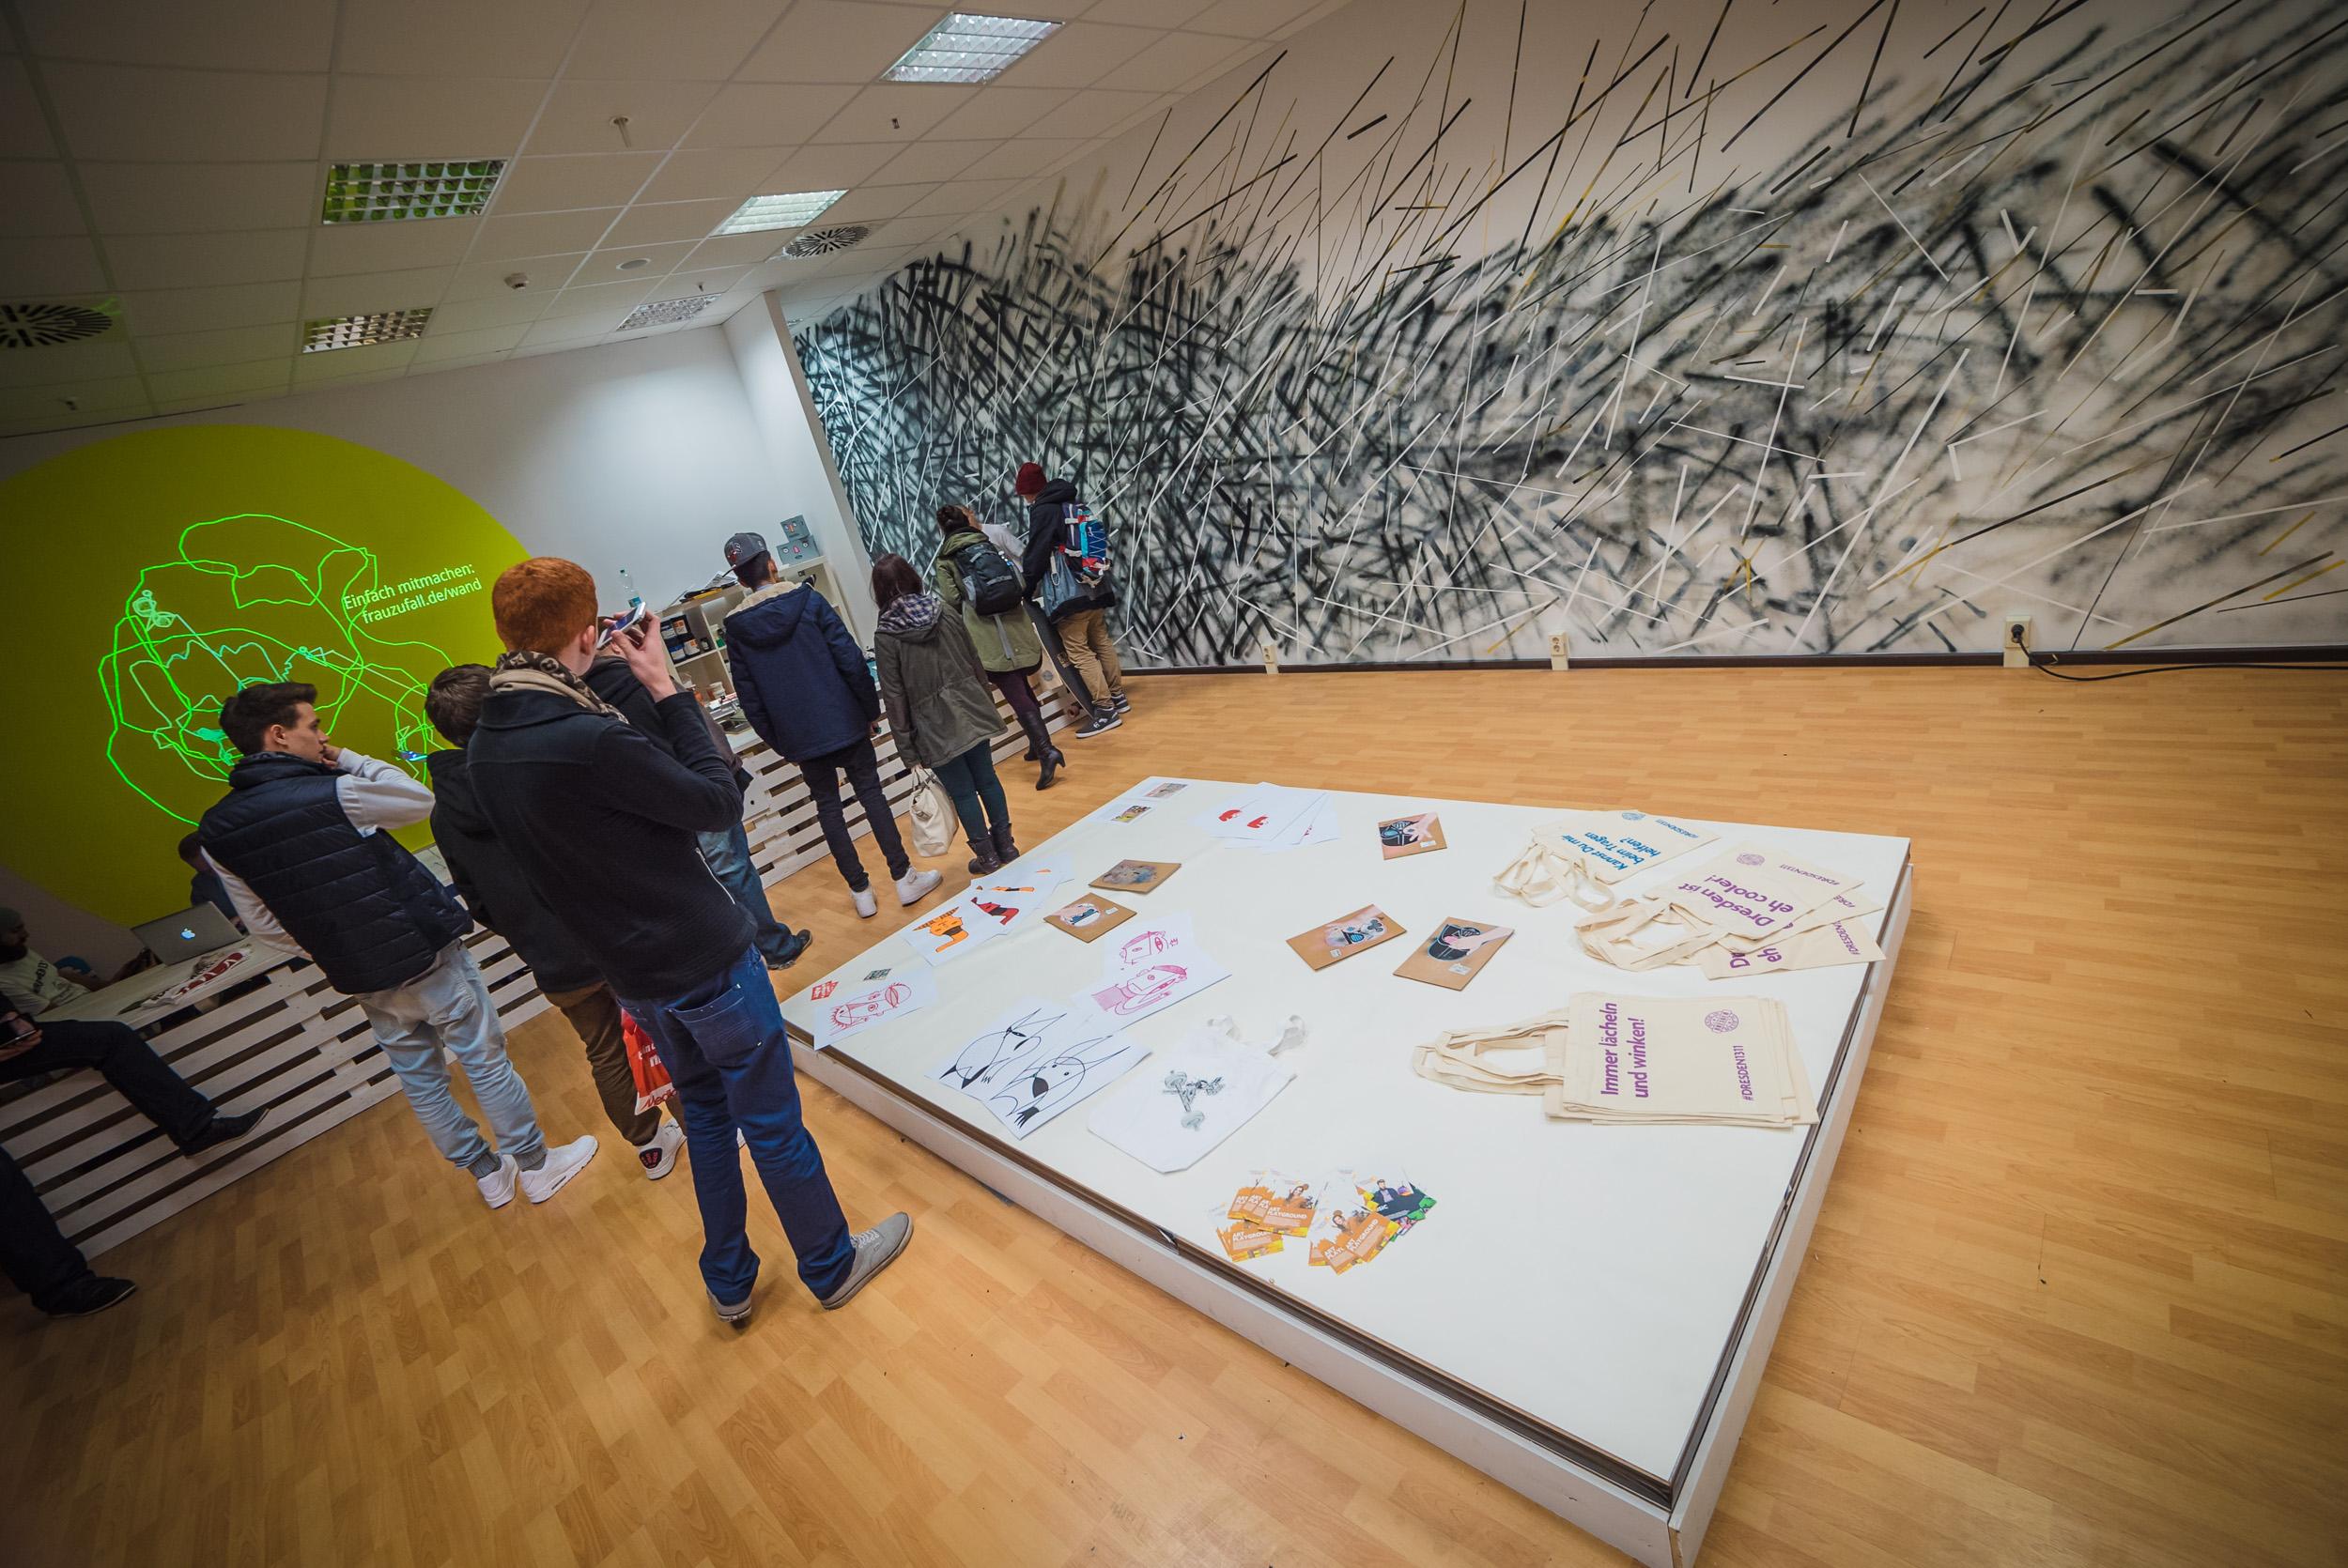 Siebdruck Auftrag Centrum Galerie Dresden 2